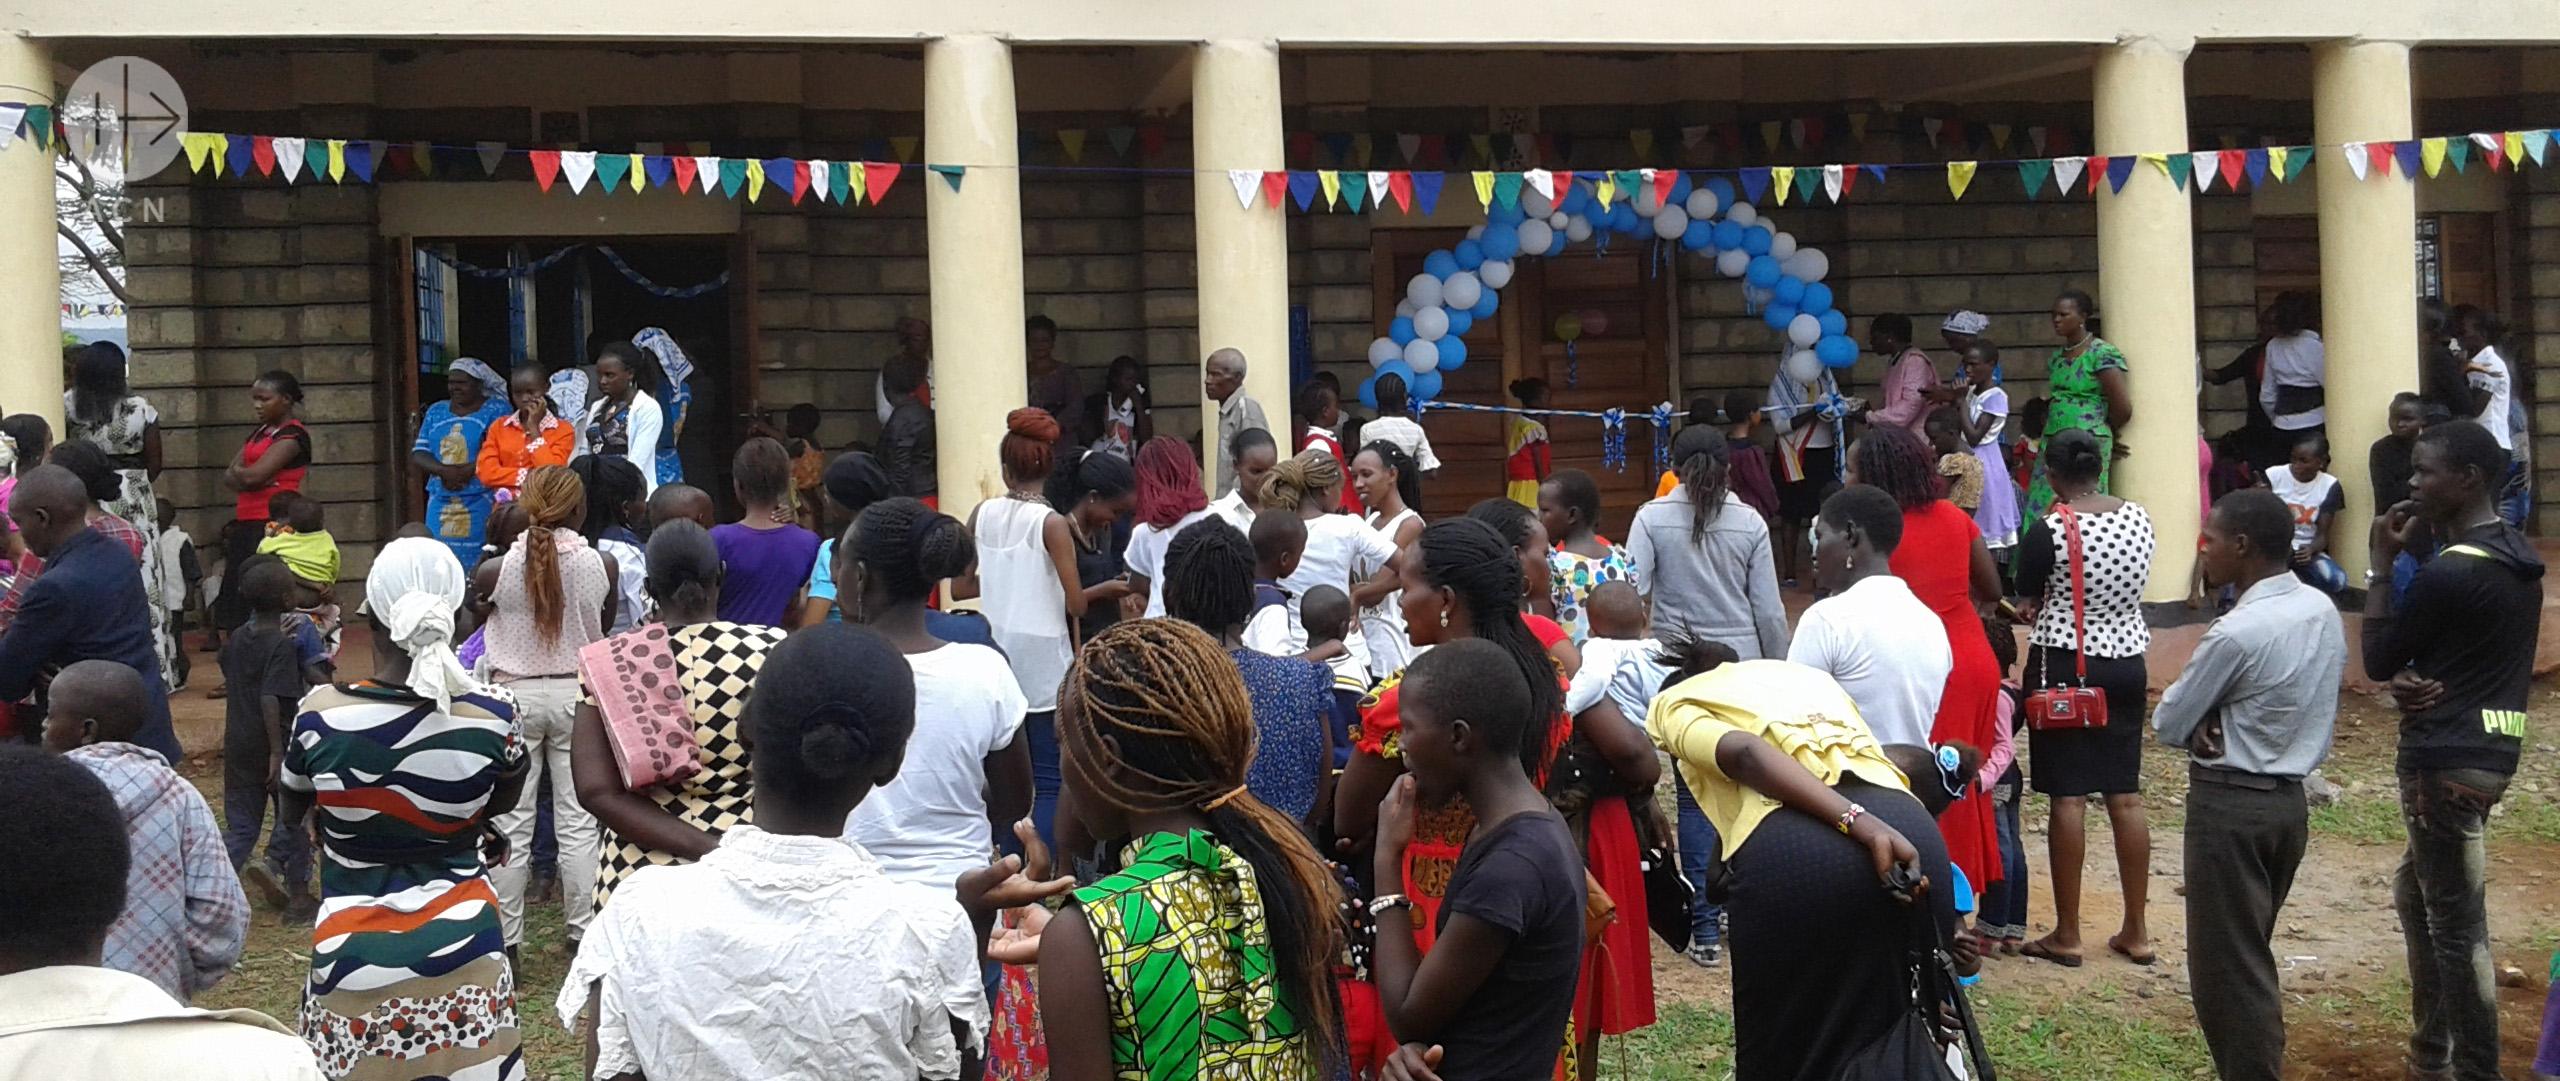 Una nueva iglesia para una parroquia de misión en Kenia